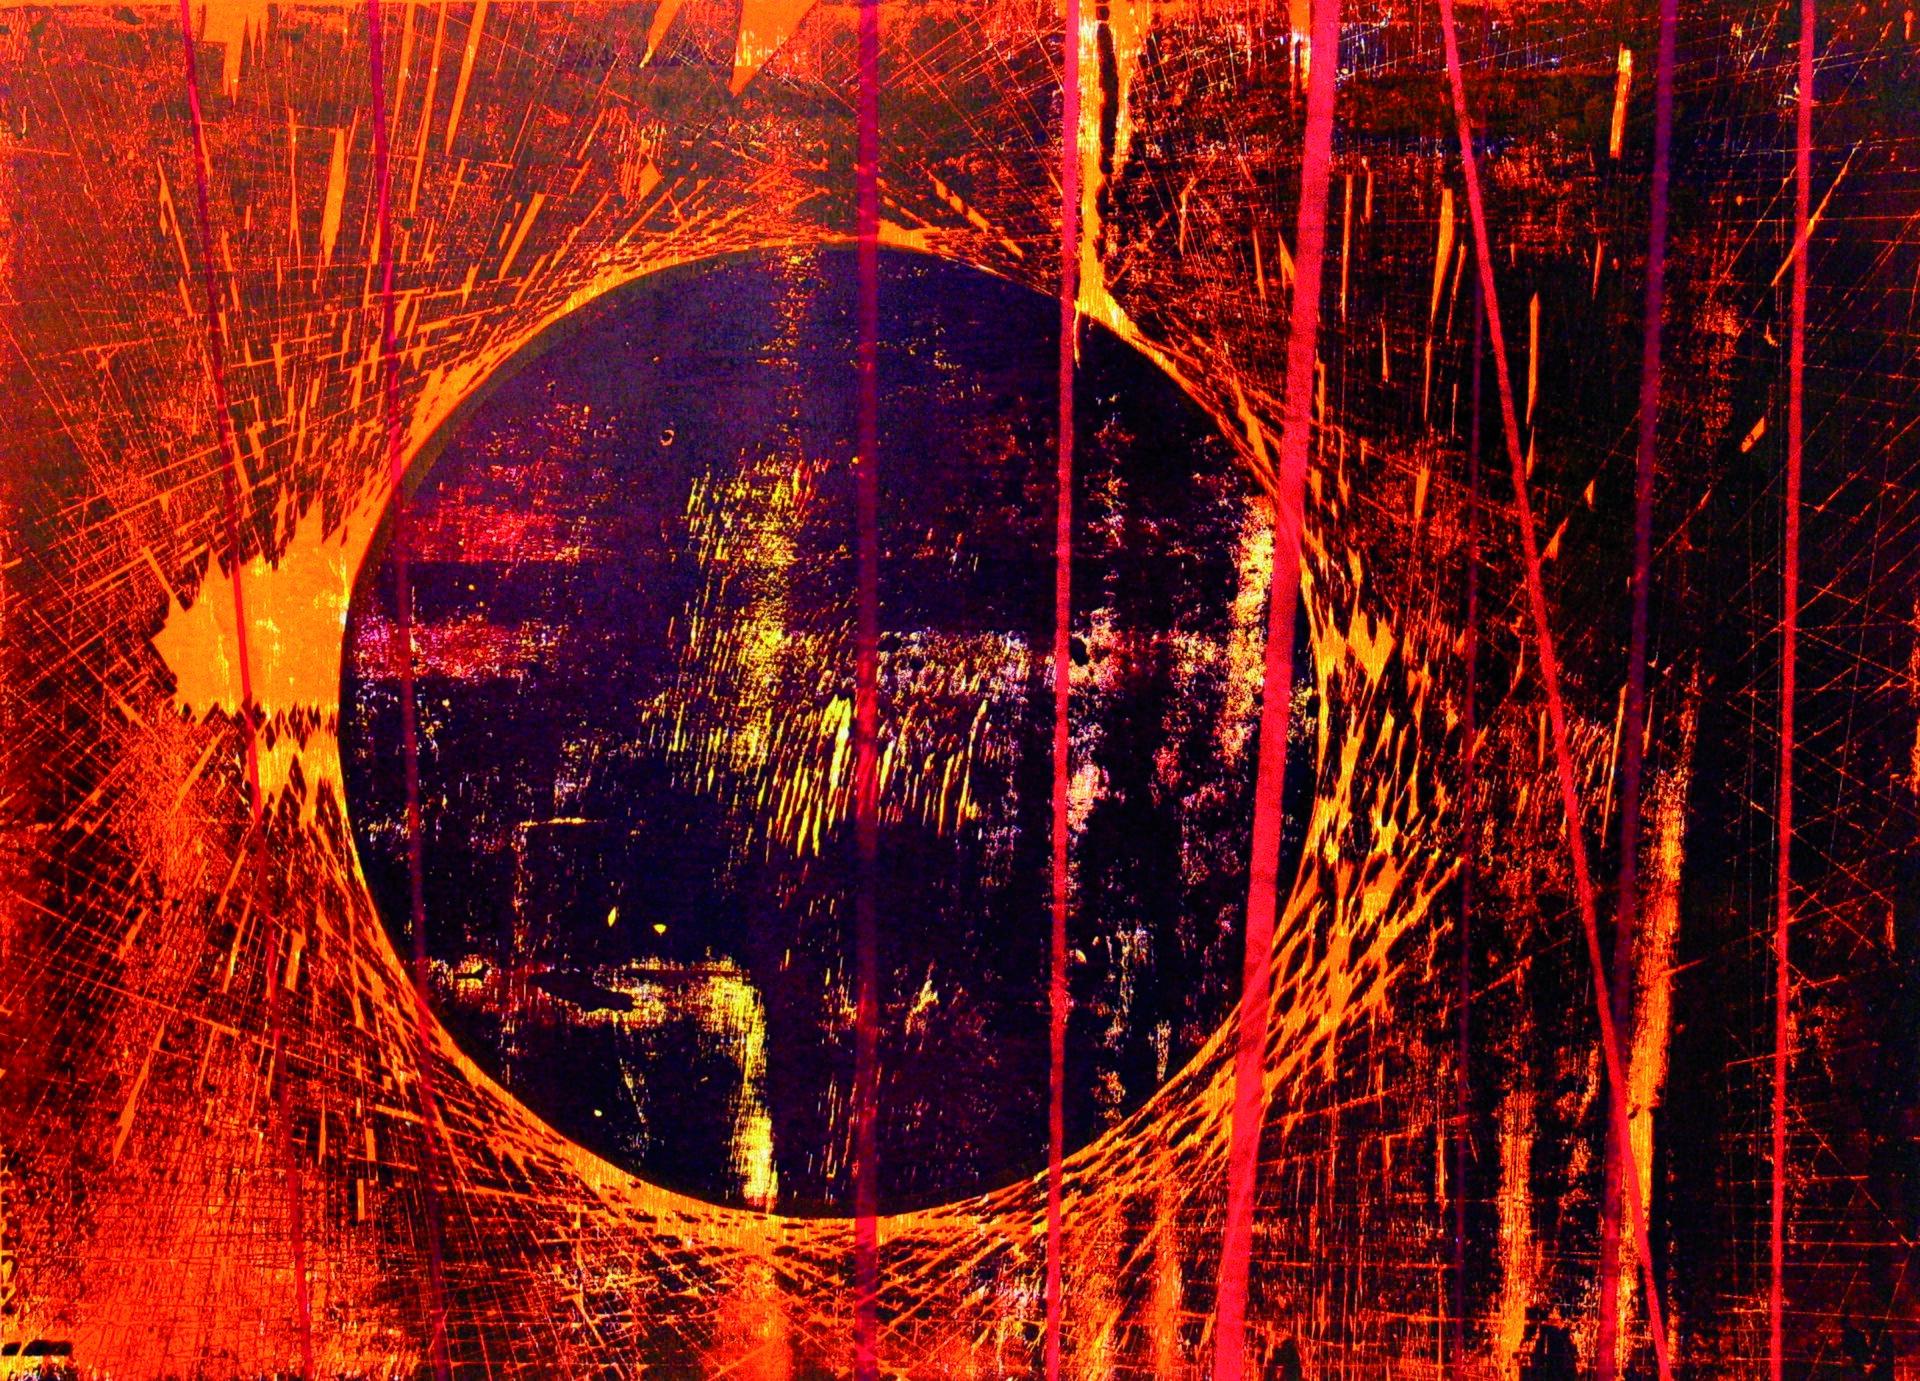 """Ilustracja przedstawia obraz """"Bhamo"""" autorstwa Michała Rygielskiego. Wcentrum abstrakcyjnej kompozycji znajduje się duże, ciemno-fioletowe koło zżółtymi iczerwonymi, nieregularnymi przetarciami. Obwód okrągłego kształtu tworzą cienkie, czerwono-pomarańczowe linie proste, które stykając się ze sobą na jego krawędzi rysują jaskrawy okrąg. Linie te krzyżują się na ciemnym tle obrazu tworząc rozświetloną siatkę wypełniającą kompozycję. Lewą część pracy przecinają pionowe iskośne, jaskrawo-czerwone wąskie paski. Obraz utrzymany jest wnasyconej, gorącej, fioletowo-czerwono-pomarańczowej tonacji."""